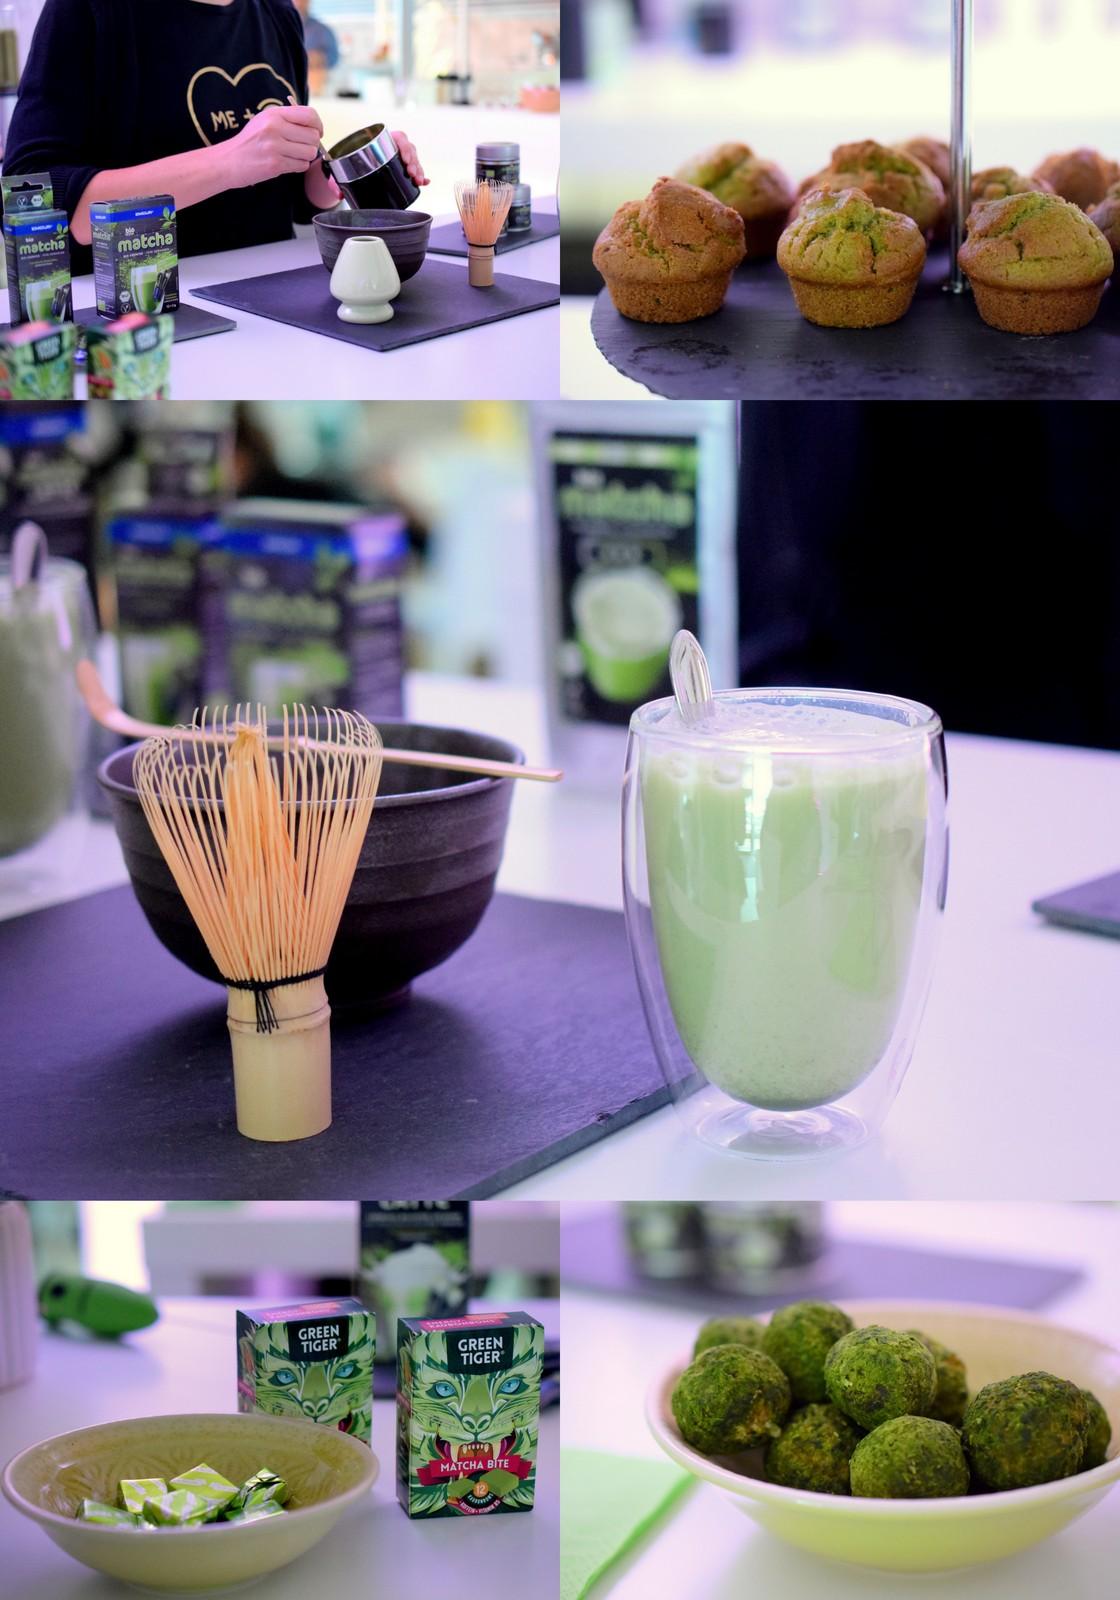 Yupik Infodays 2016 in Baden Baden mit dem Motto Digi Real Life stellt die Emcur Matcha Neuheiten vor. Matcha Bites und Matcha in verschiedenen Qualitäten.